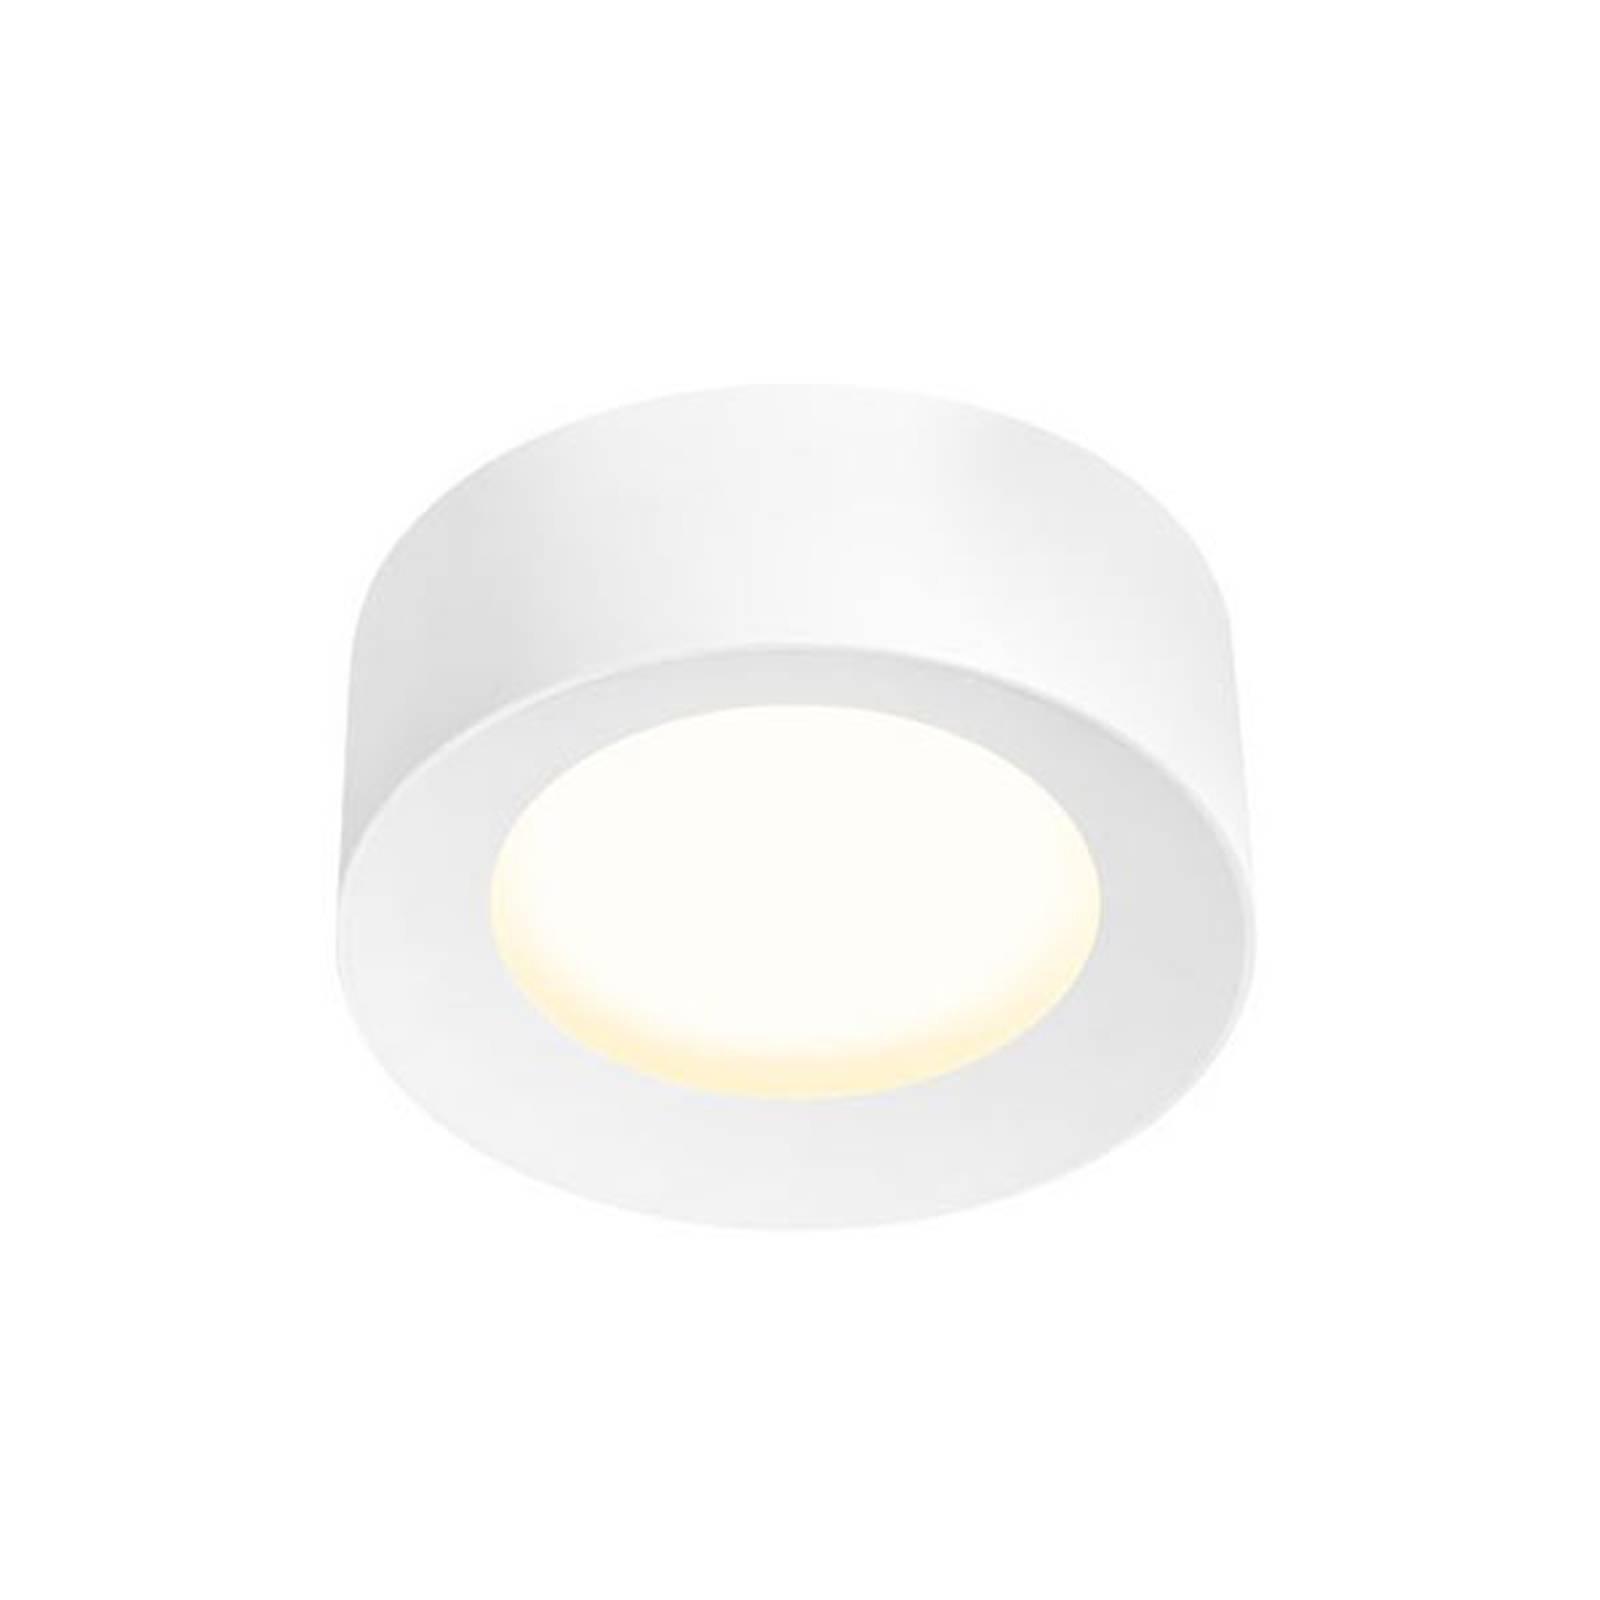 SLV Fera LED-taklampe, Ø 20 cm, matt hvit